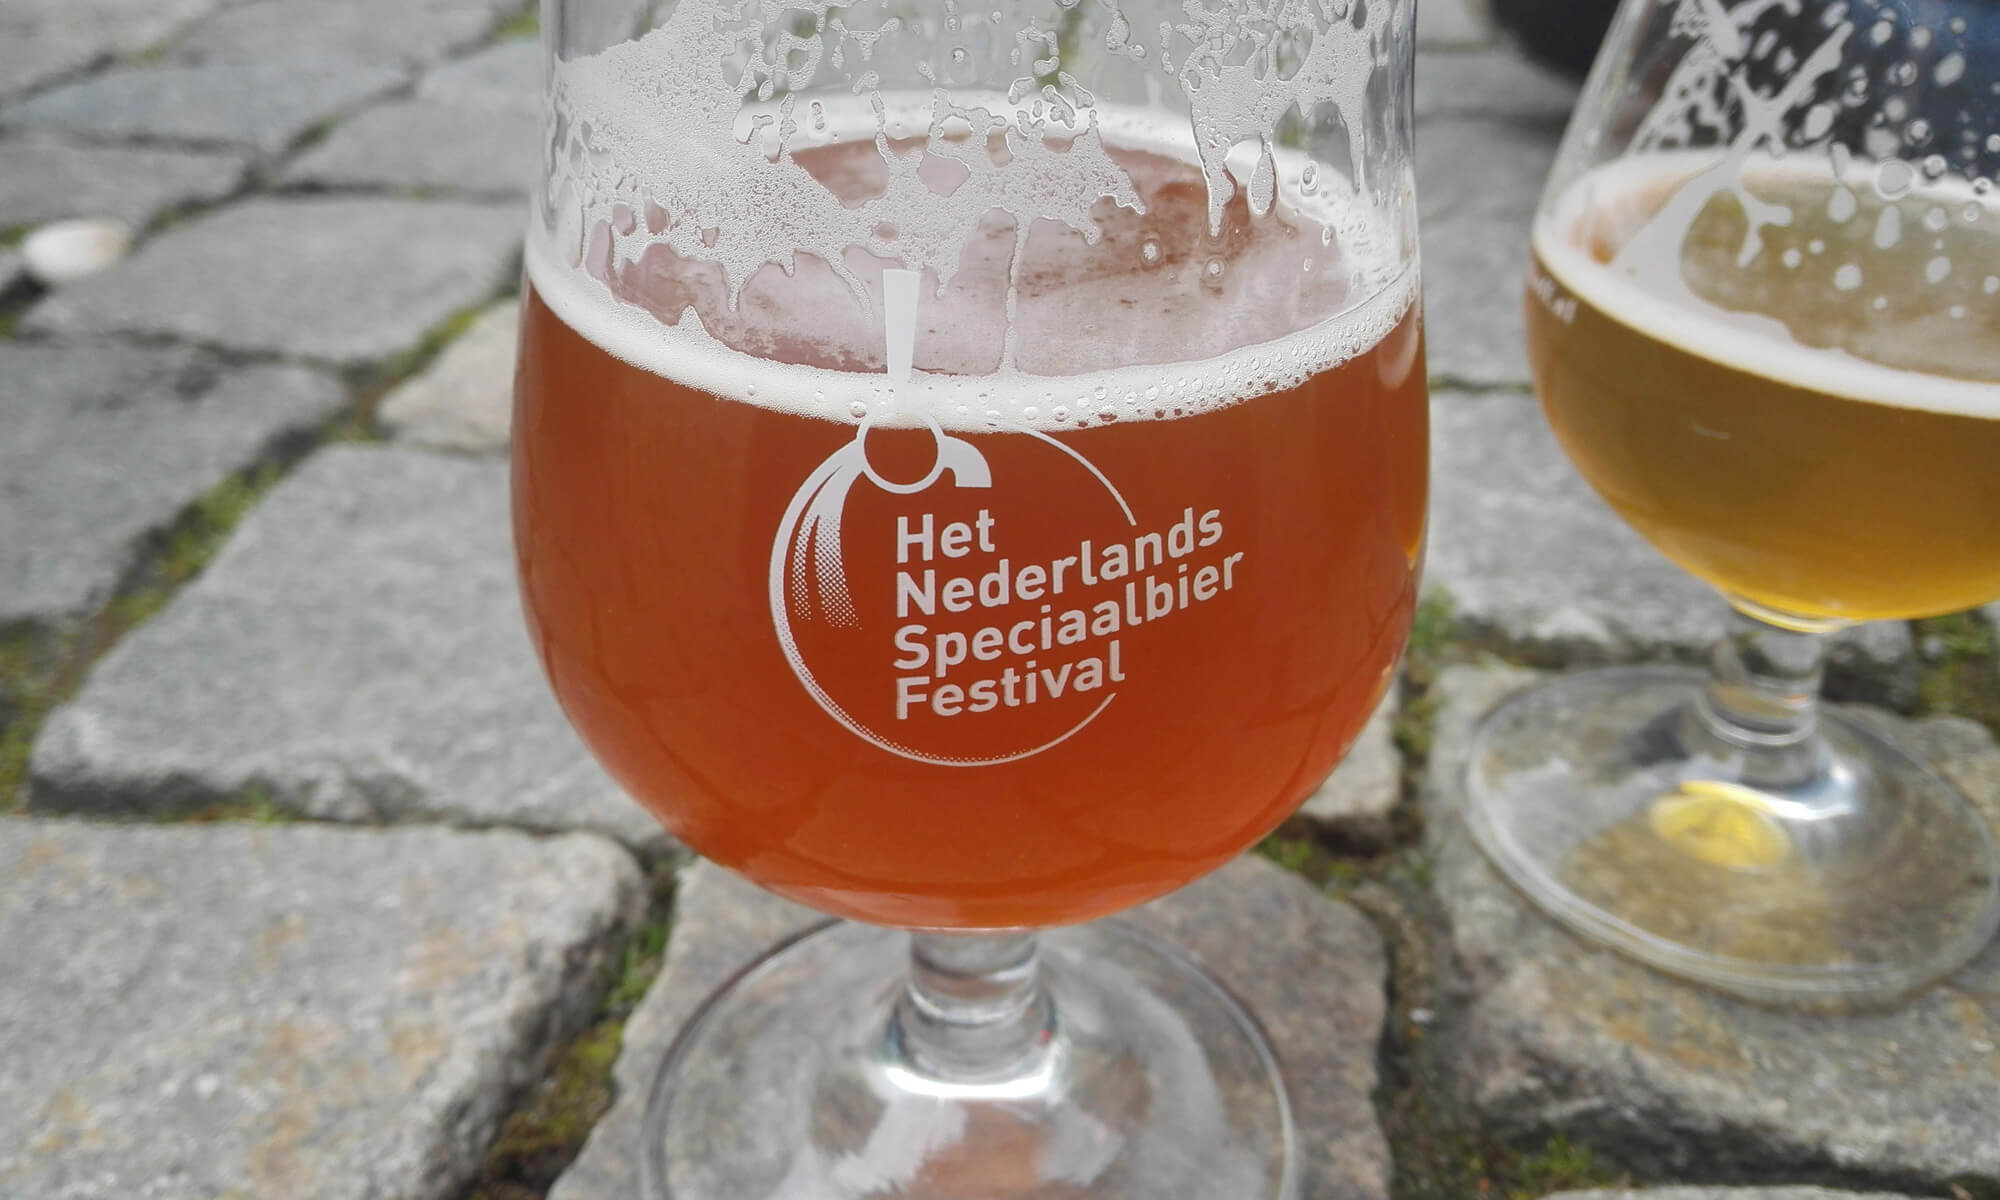 Genomen op het Nederlands Speciaalbier Festival